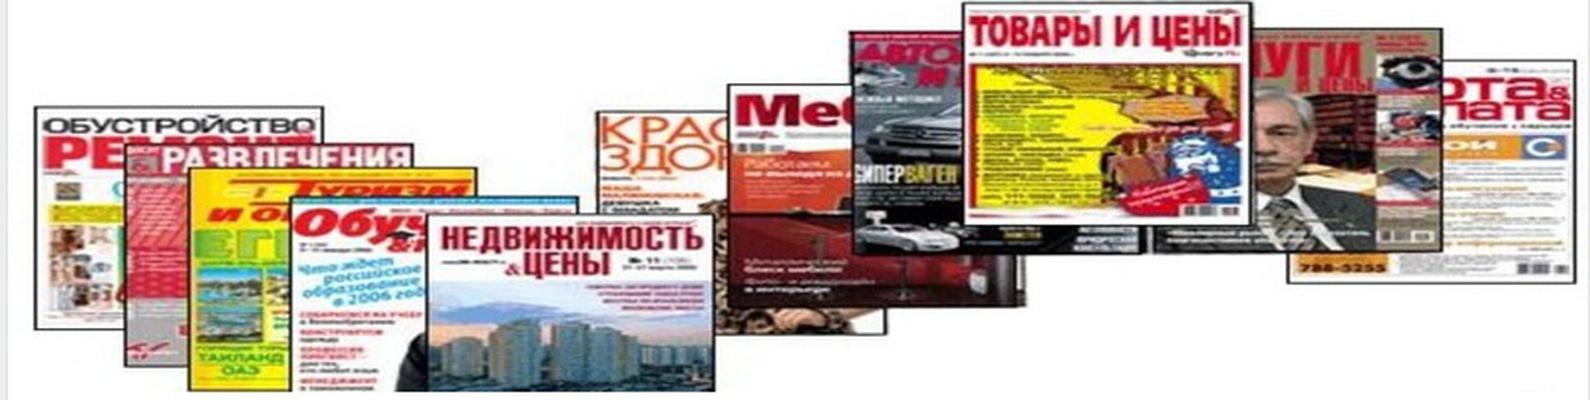 Псков доска объявлений на vk.com где лучше разместить объявление о продаже автомобиля